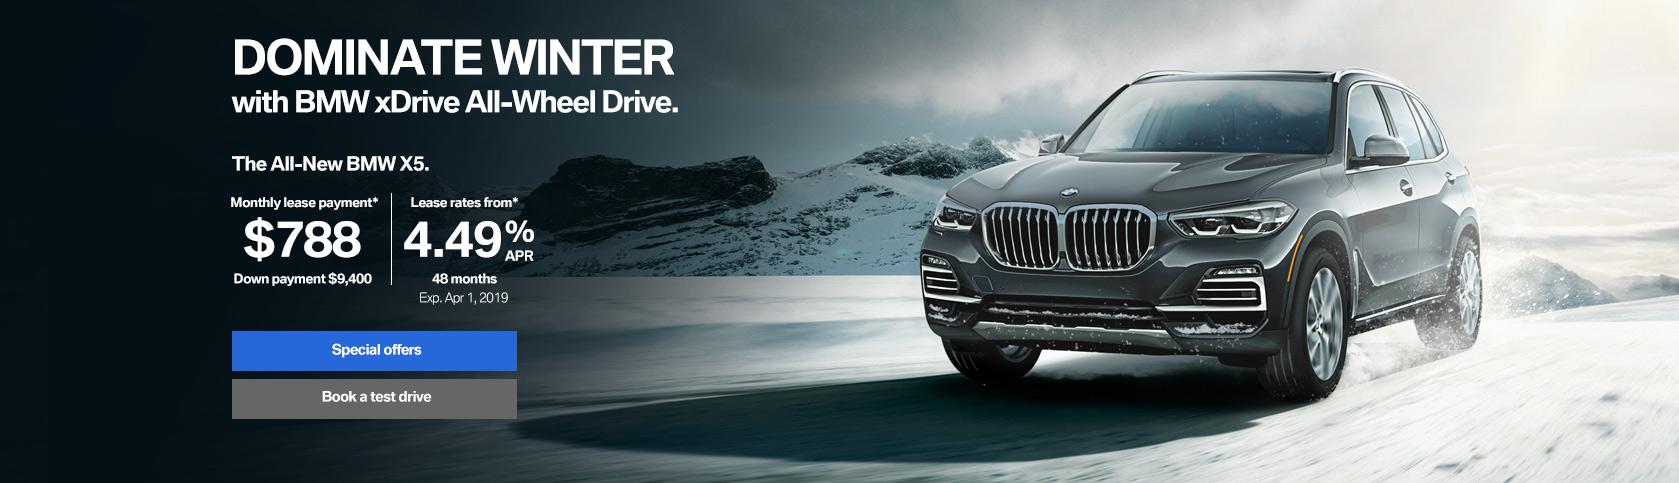 2019_BMW_MarDAG_X5_Banner_1679x483_GTA